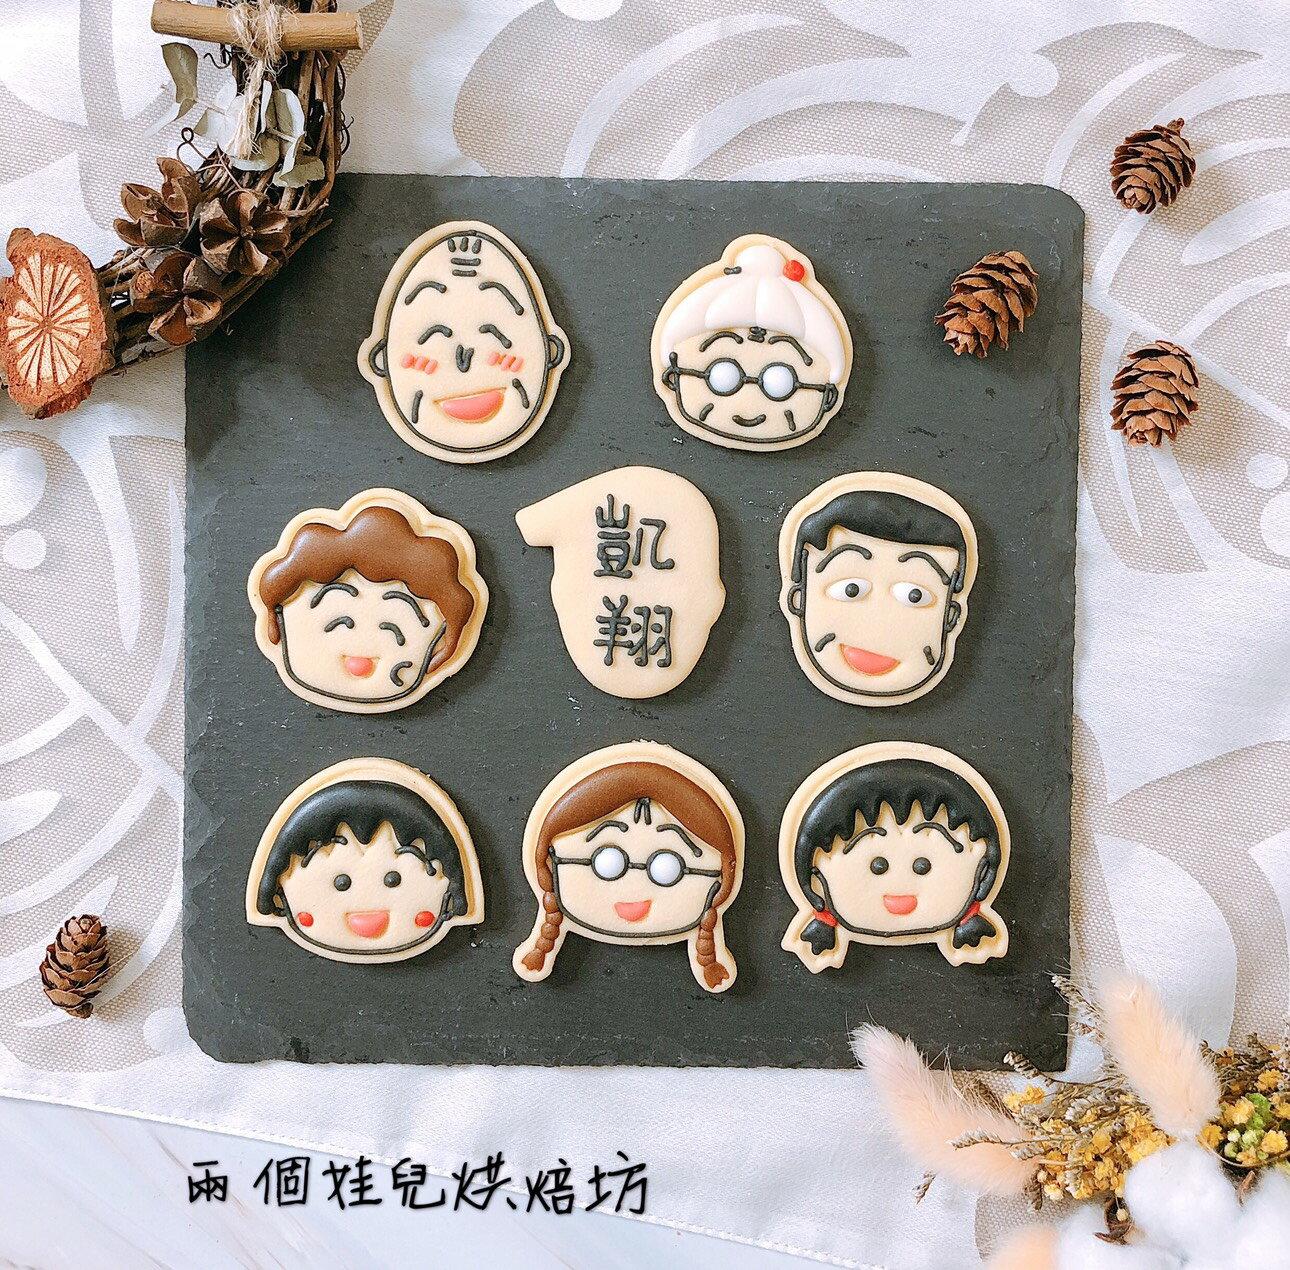 櫻桃小丸子微糖餅乾 收涎餅乾 婚禮小物 生日禮物